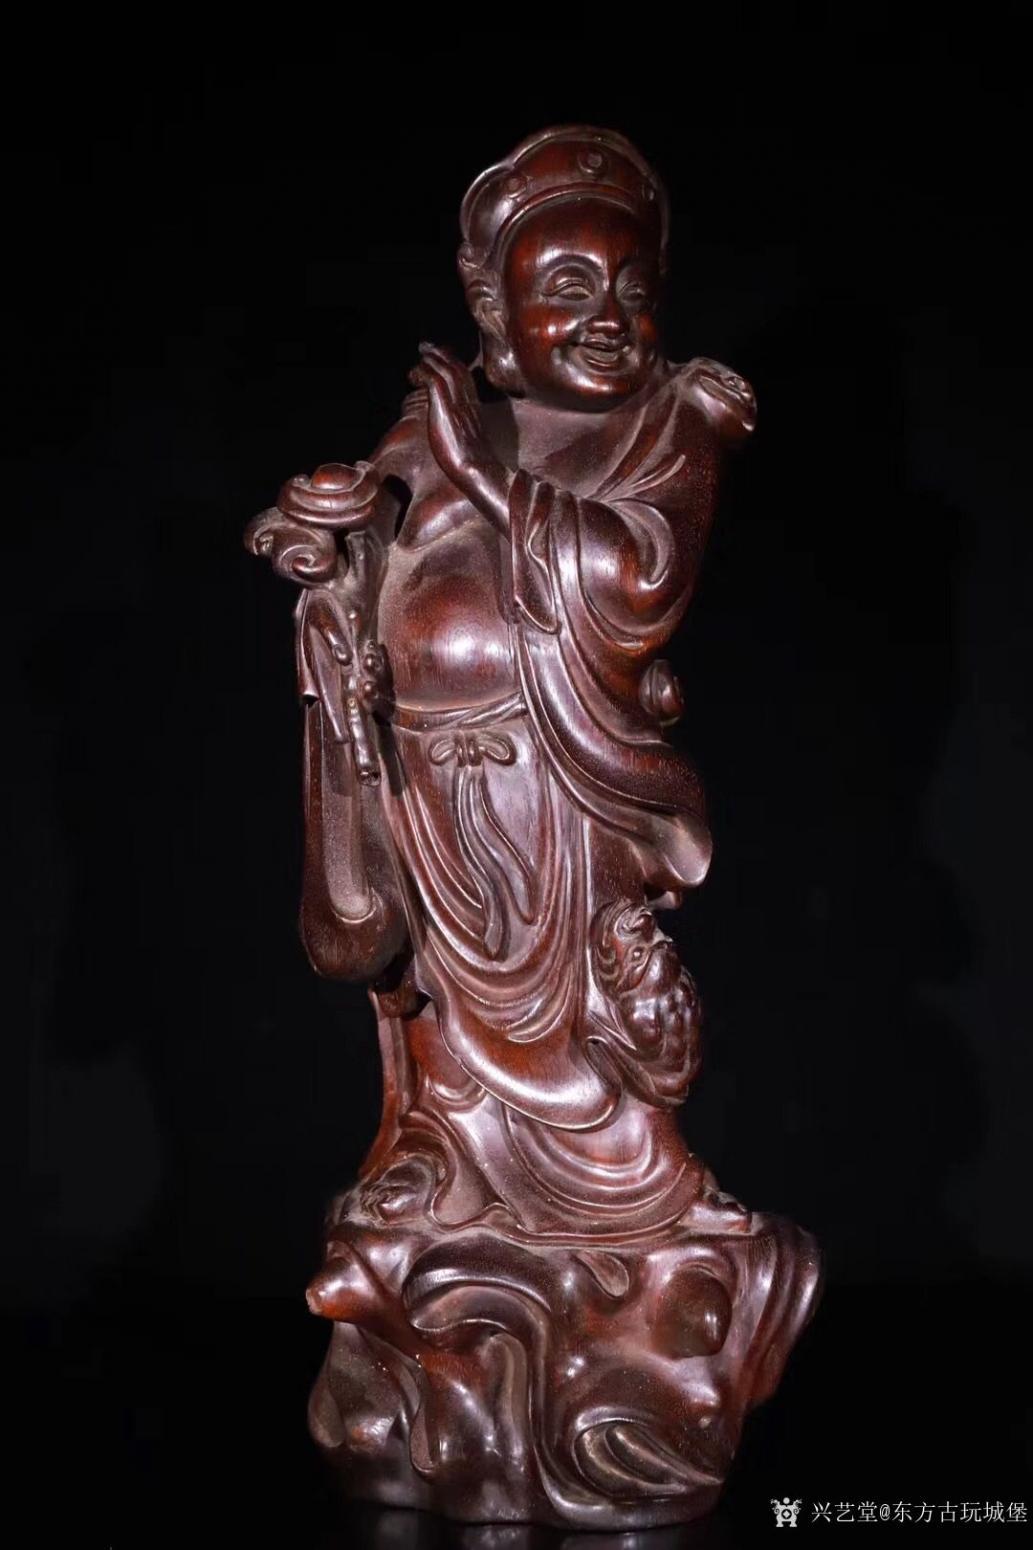 东方古玩城堡雕刻作品《紫檀木刘海戏金蟾》